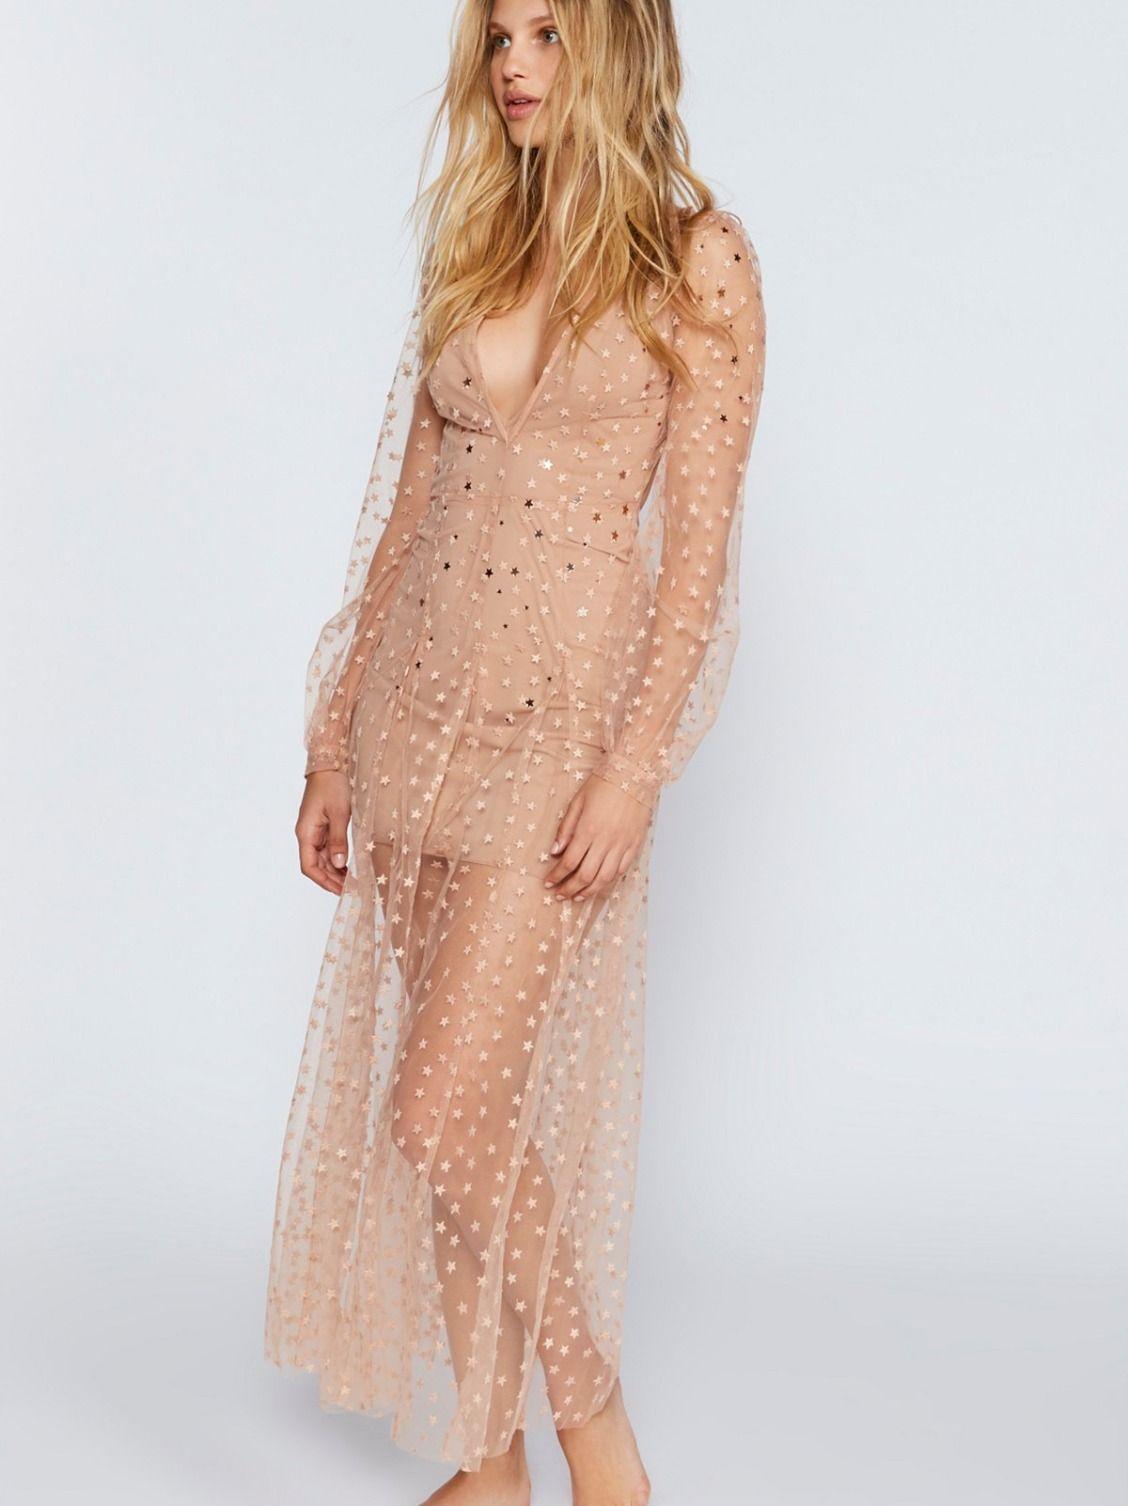 64a5dd8b0d5c All That Glitters Tulle Maxi Dress